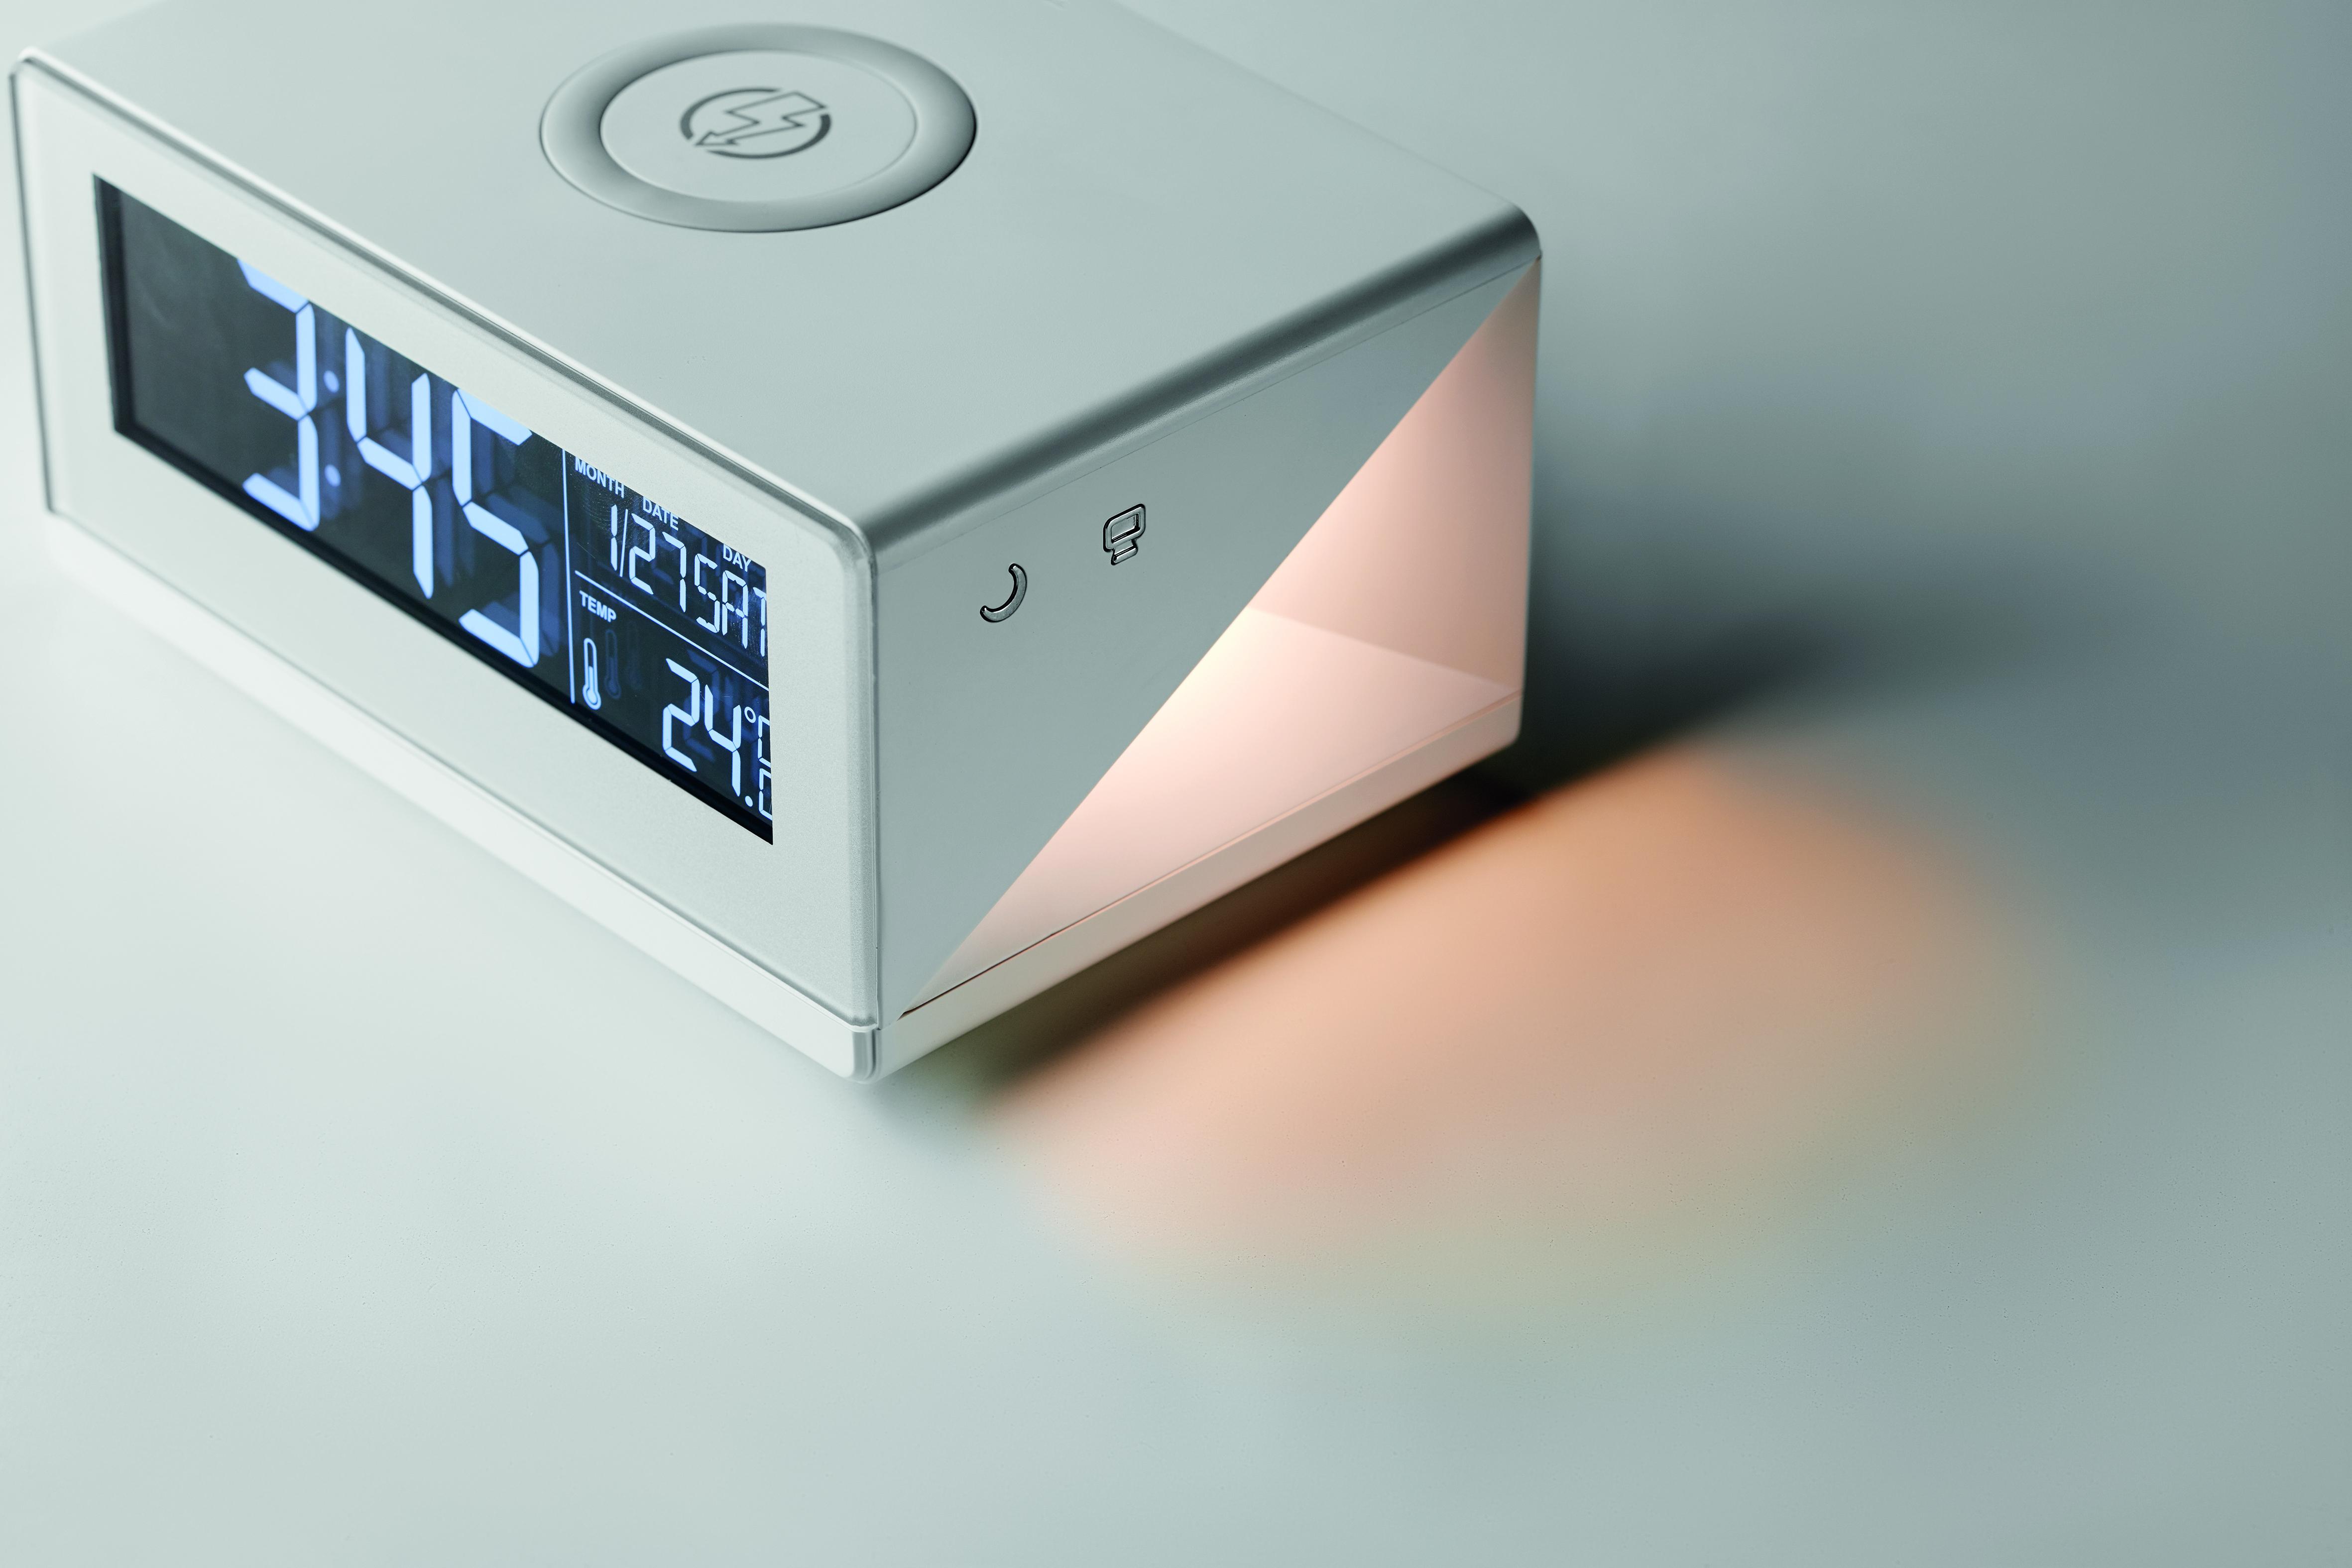 Horloge LED et chargeur sans fil - 6-1725-1